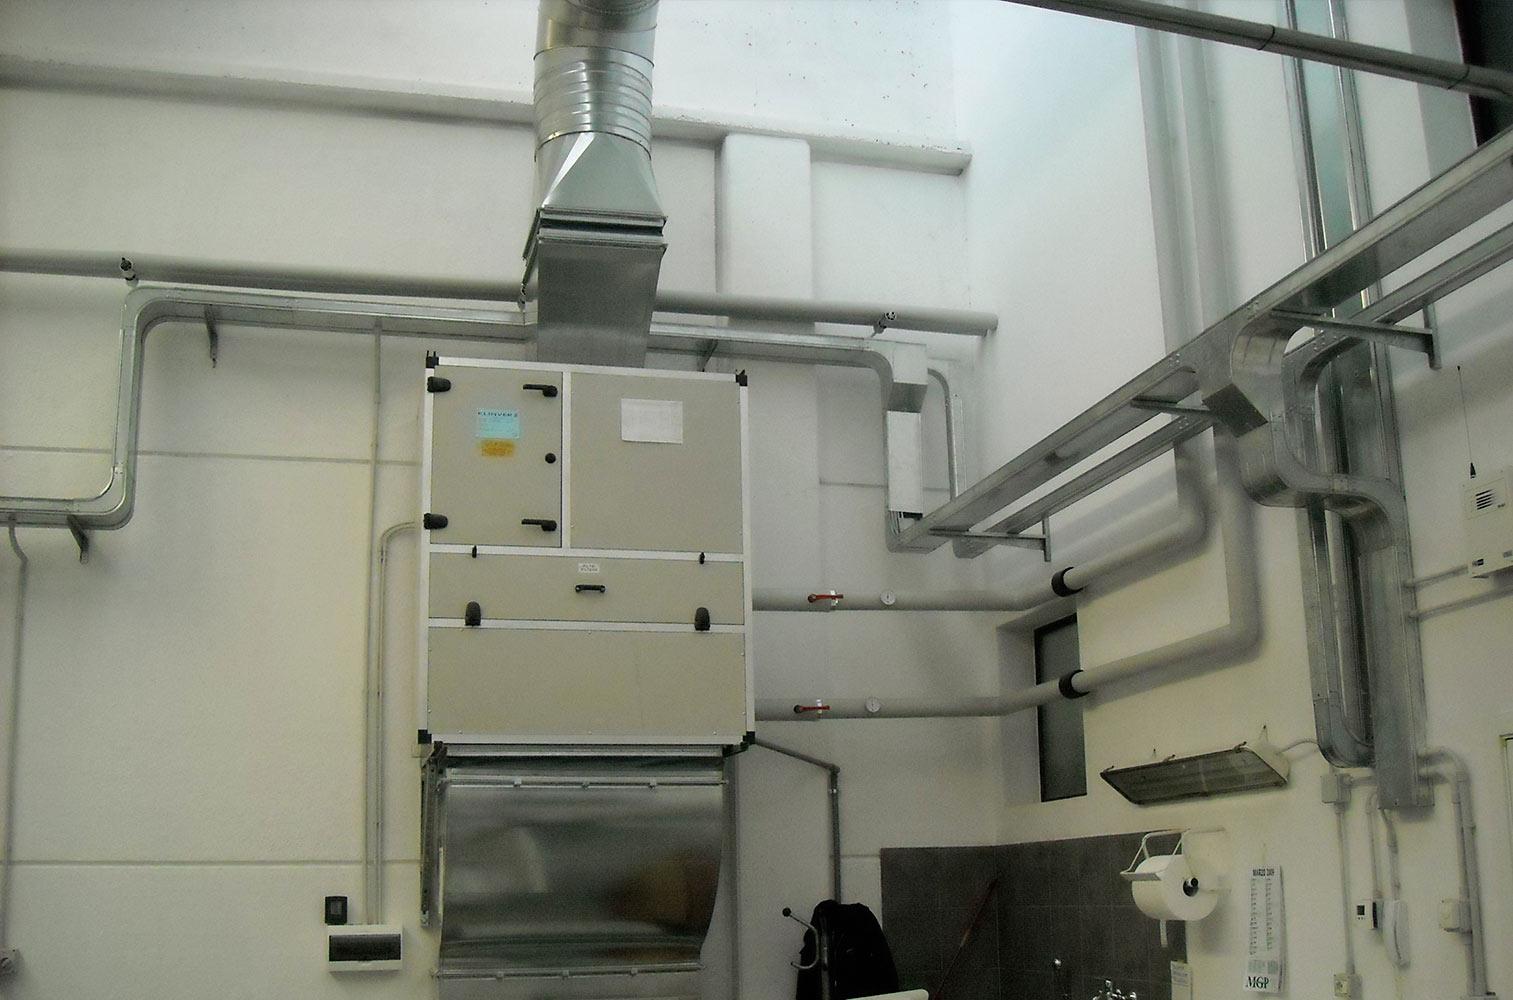 doc-impianti-elettrici-condizionamento-gallery-02-impianto-elettrico-industriale